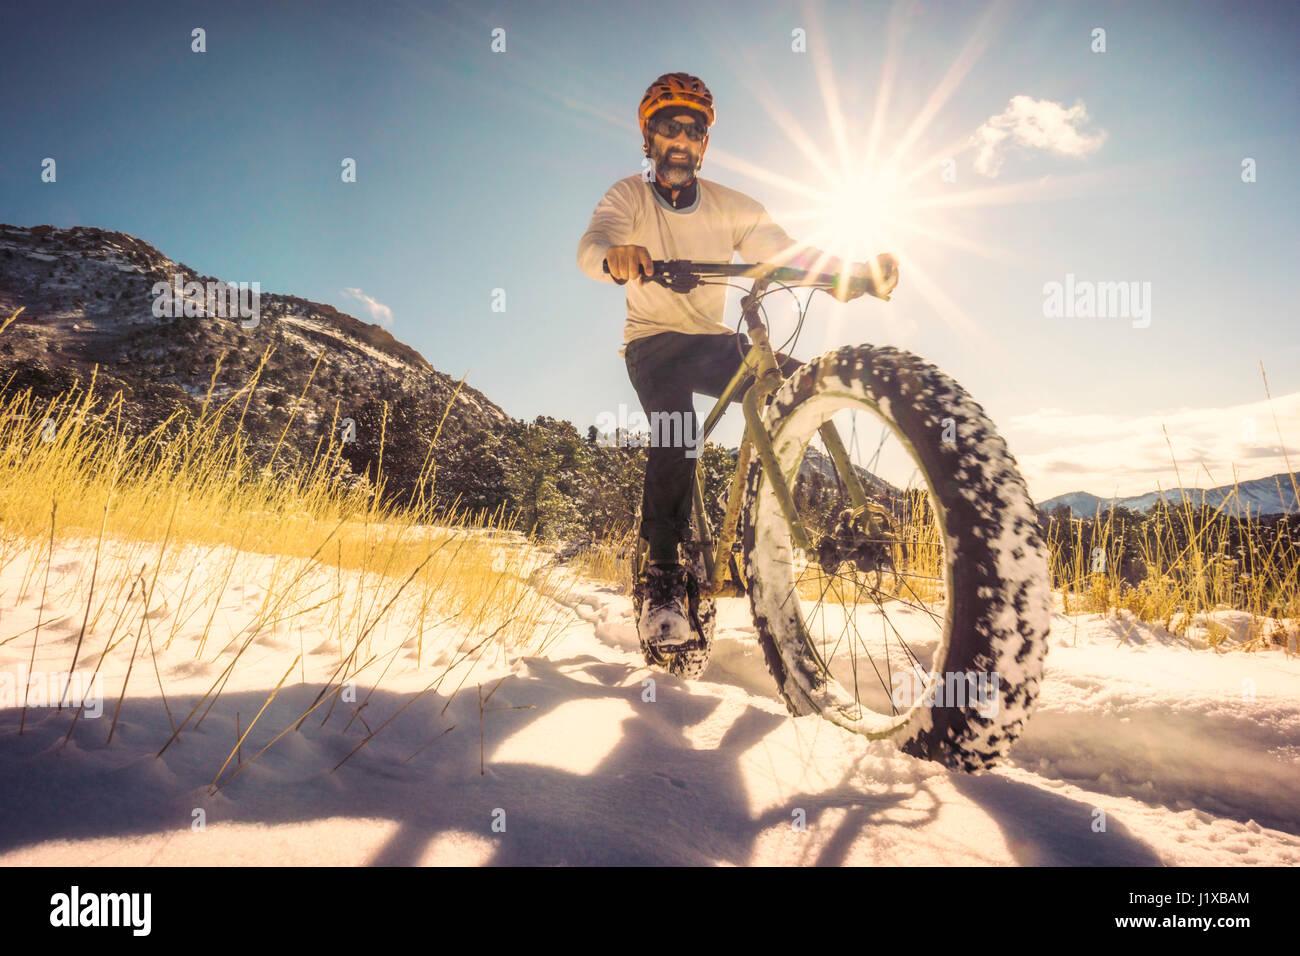 Autorretrato (Whit Richardson) montando un caballo fatbike en la zona Quebrada, Durango, CO. Imagen De Stock